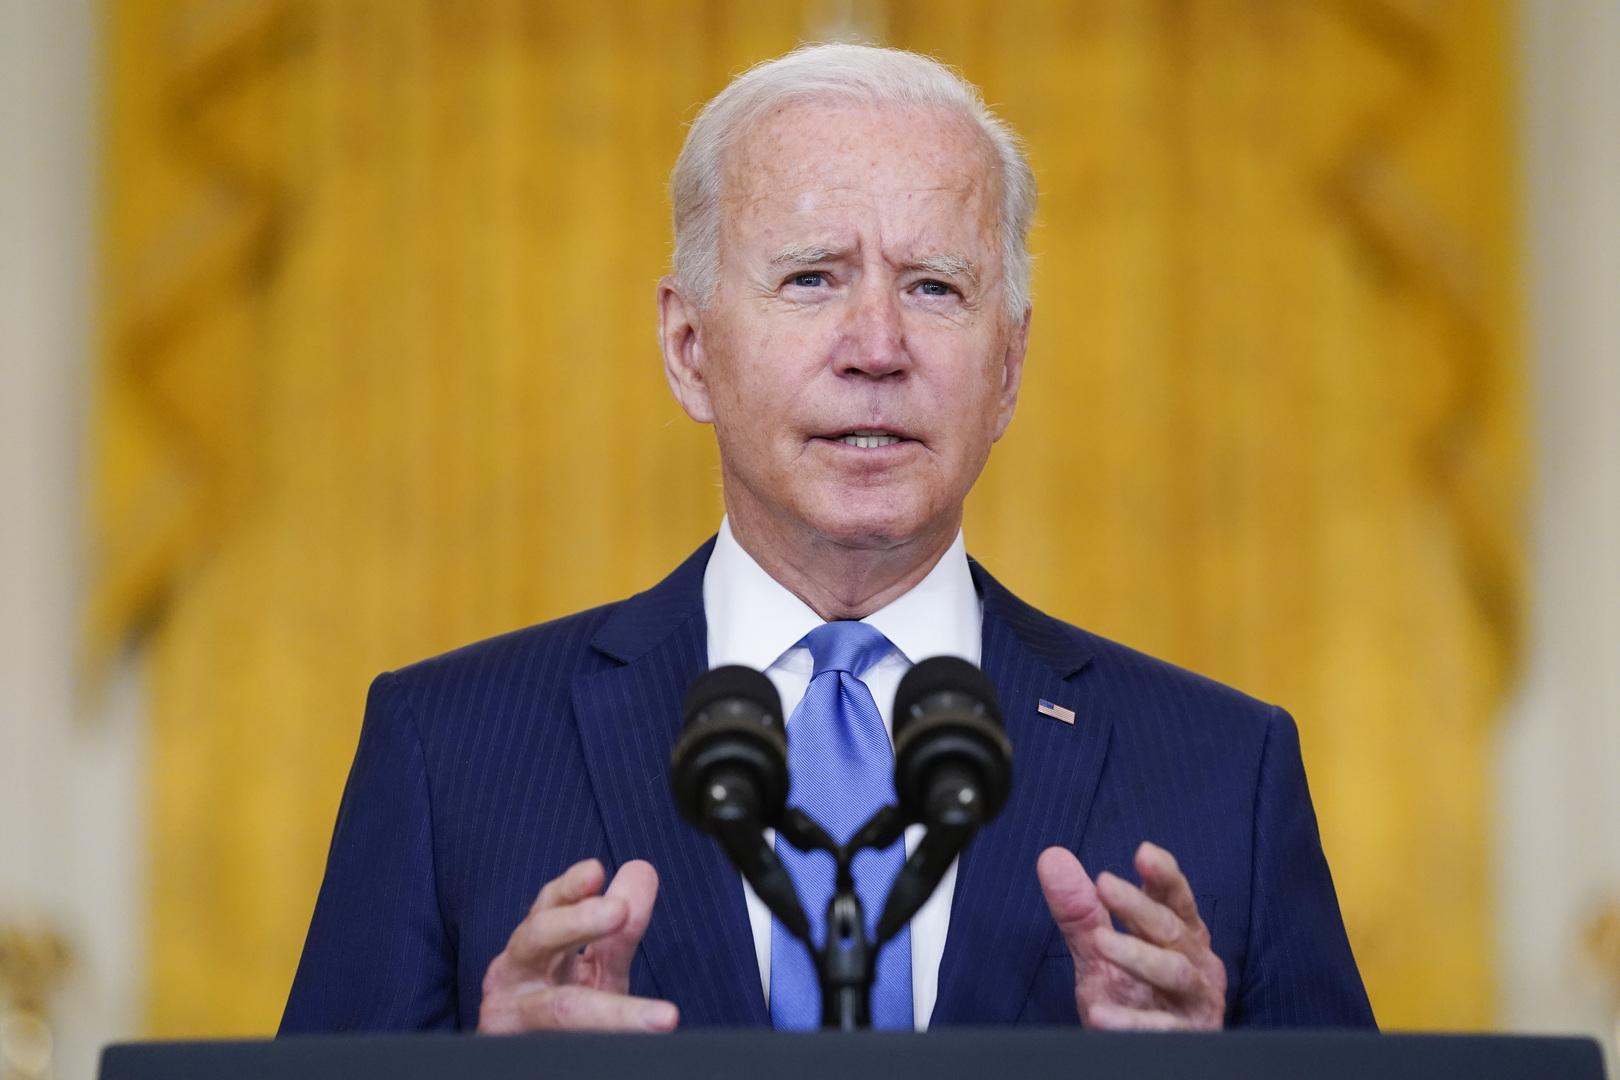 واشنطن: بايدن طلب فرصة للتحدث مع ماكرون على خلفية أزمة الغواصات